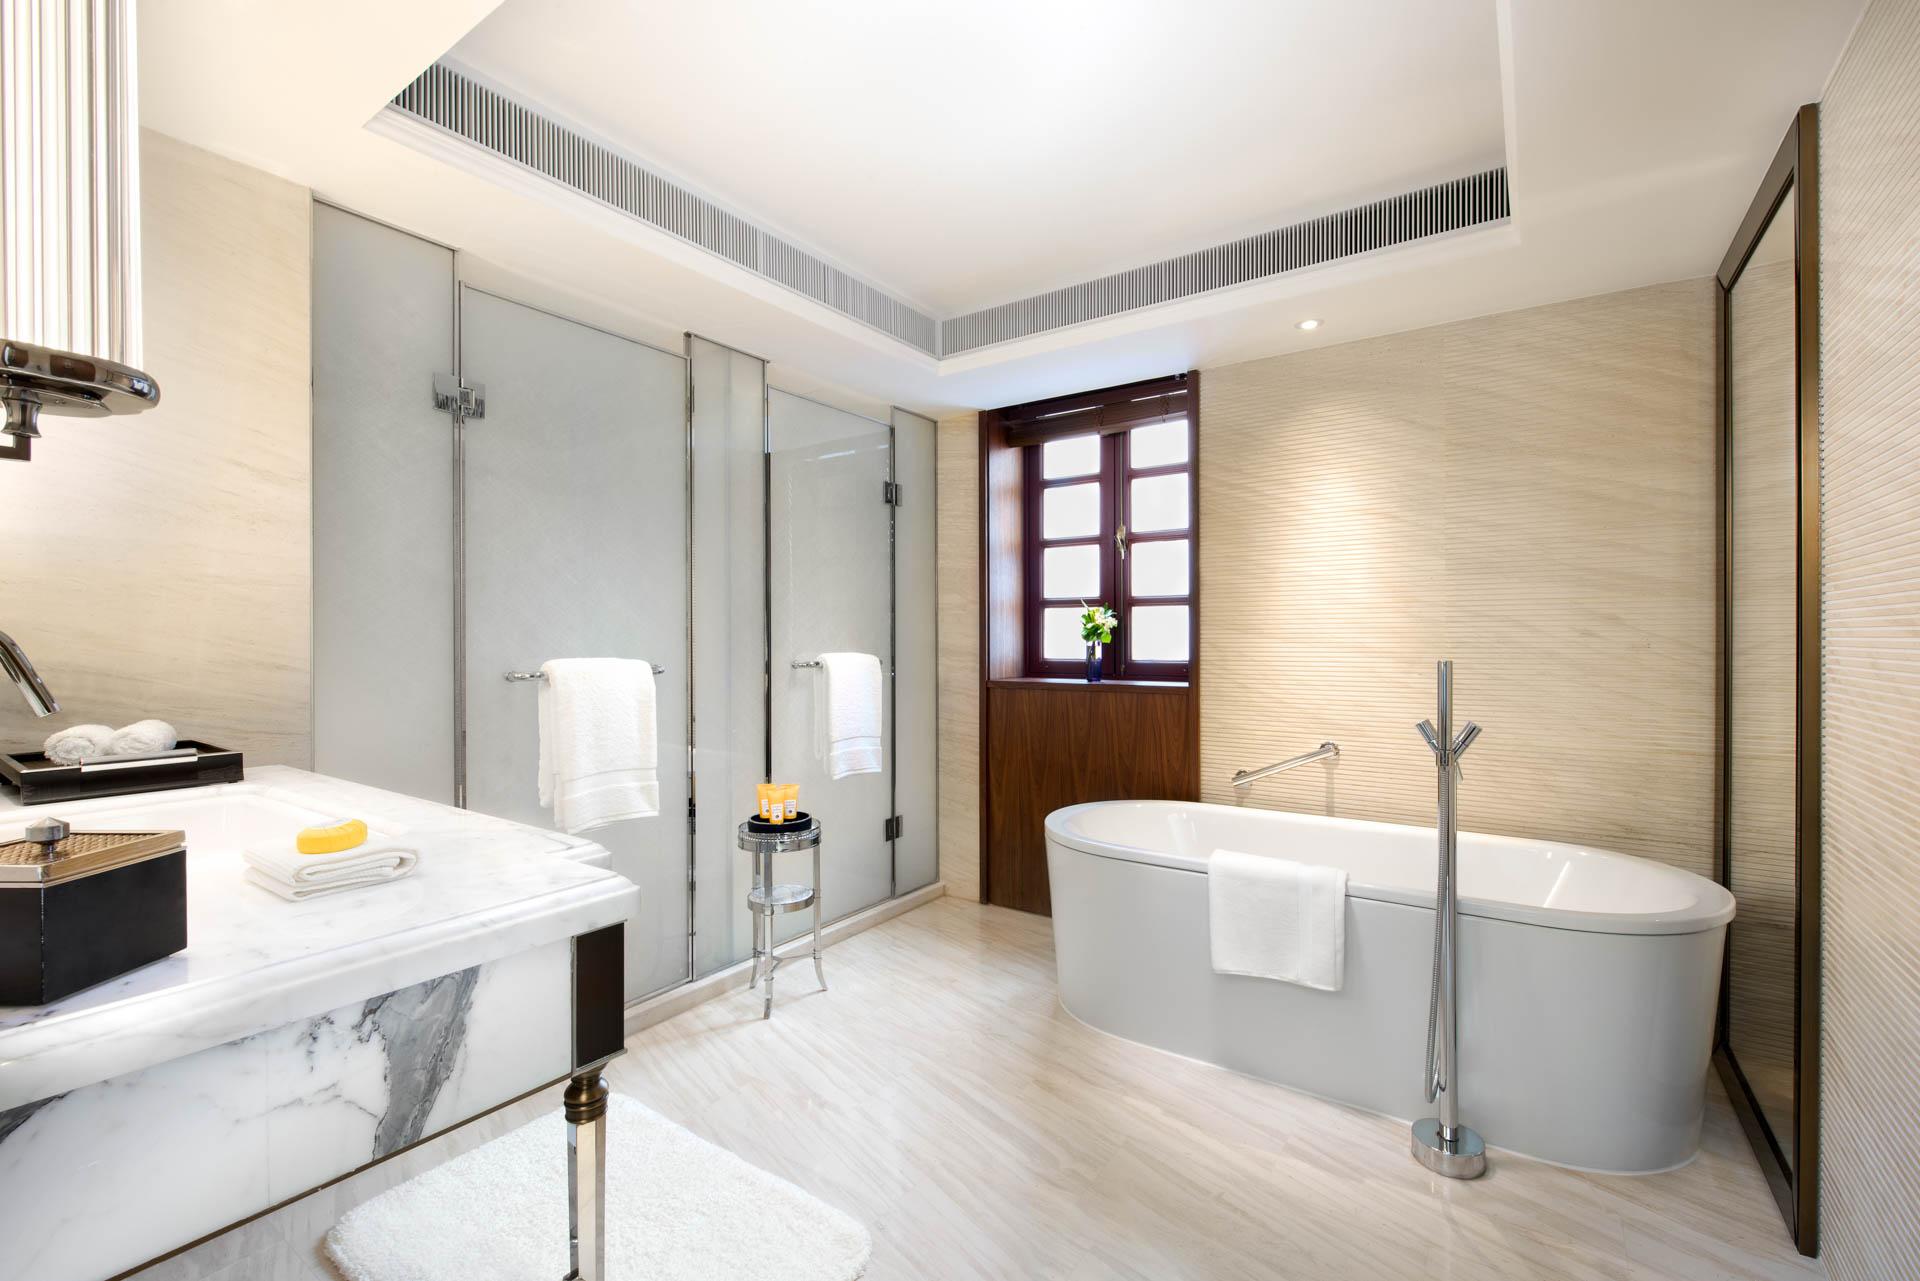 Au total, 55 villas et 40 résidences privées composent cette nouvelle enclave de luxe de la Concession française